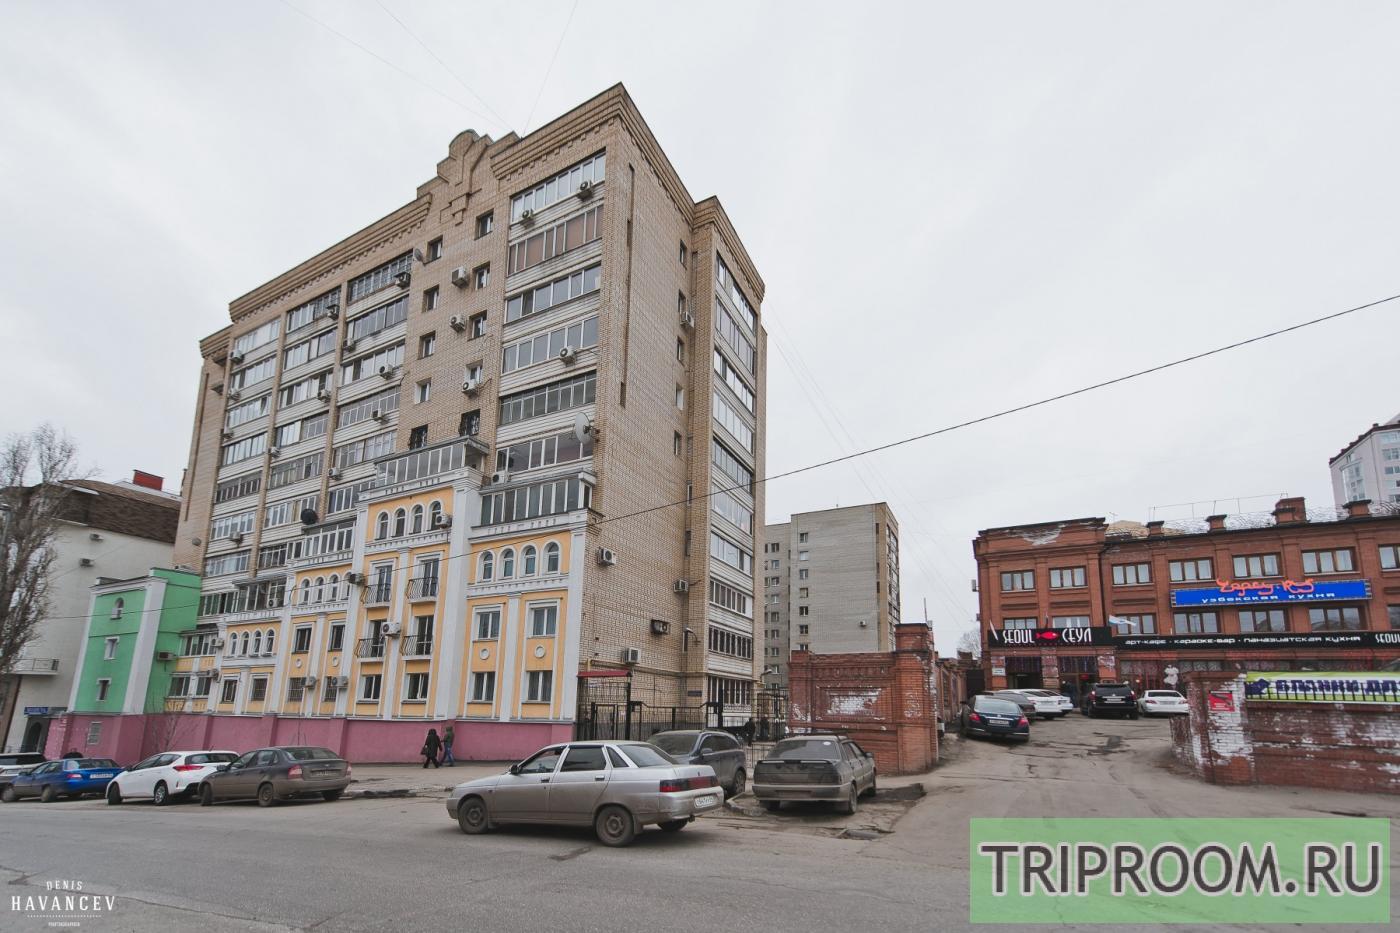 1-комнатная квартира посуточно (вариант № 14826), ул. Радищева улица, фото № 8